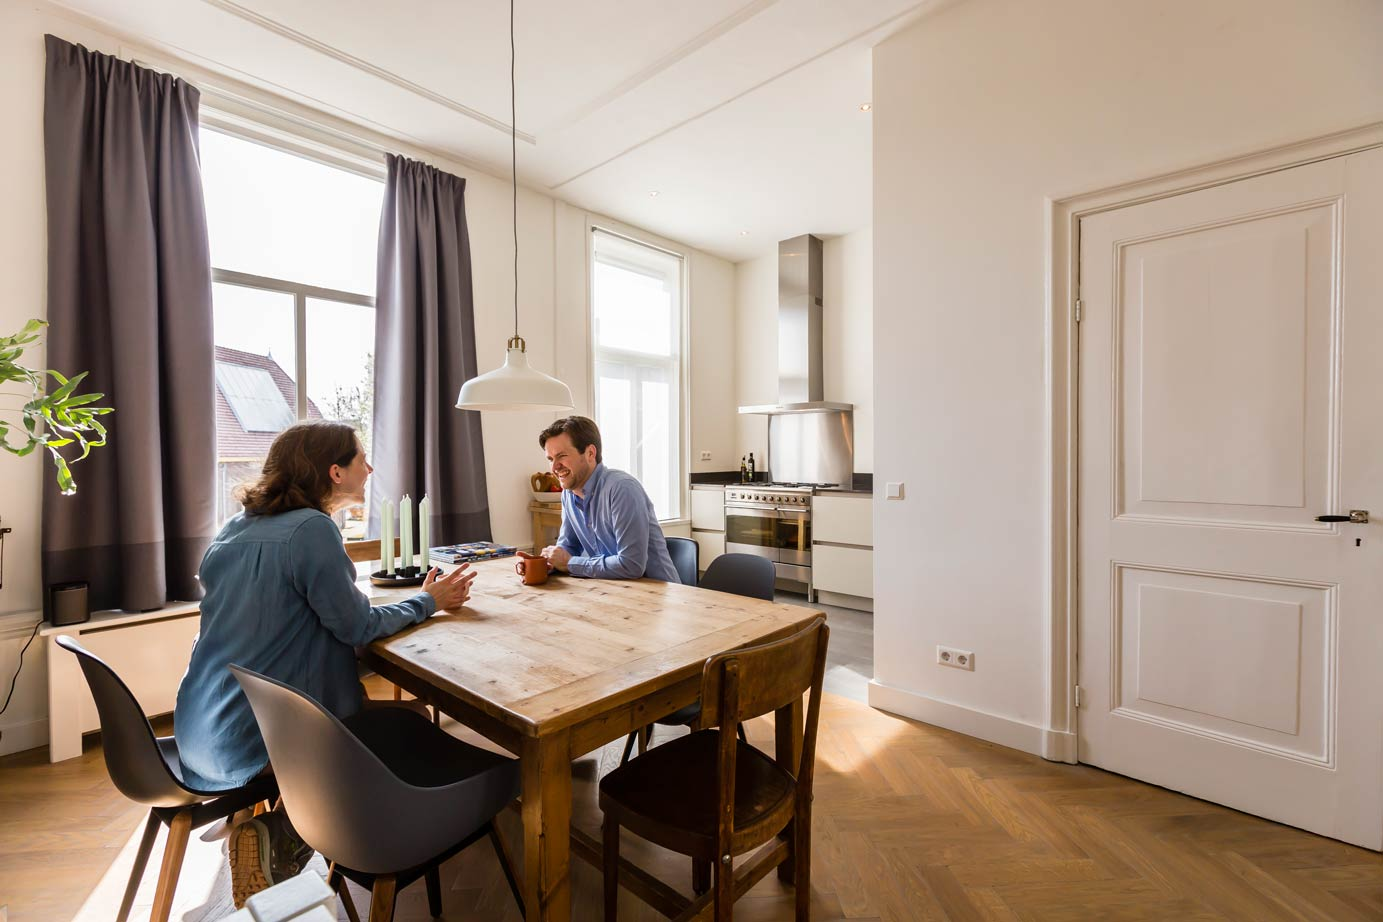 Design Keukens Utrecht : Een keuken en badkamer kopen in utrecht lees klantervaringen arma